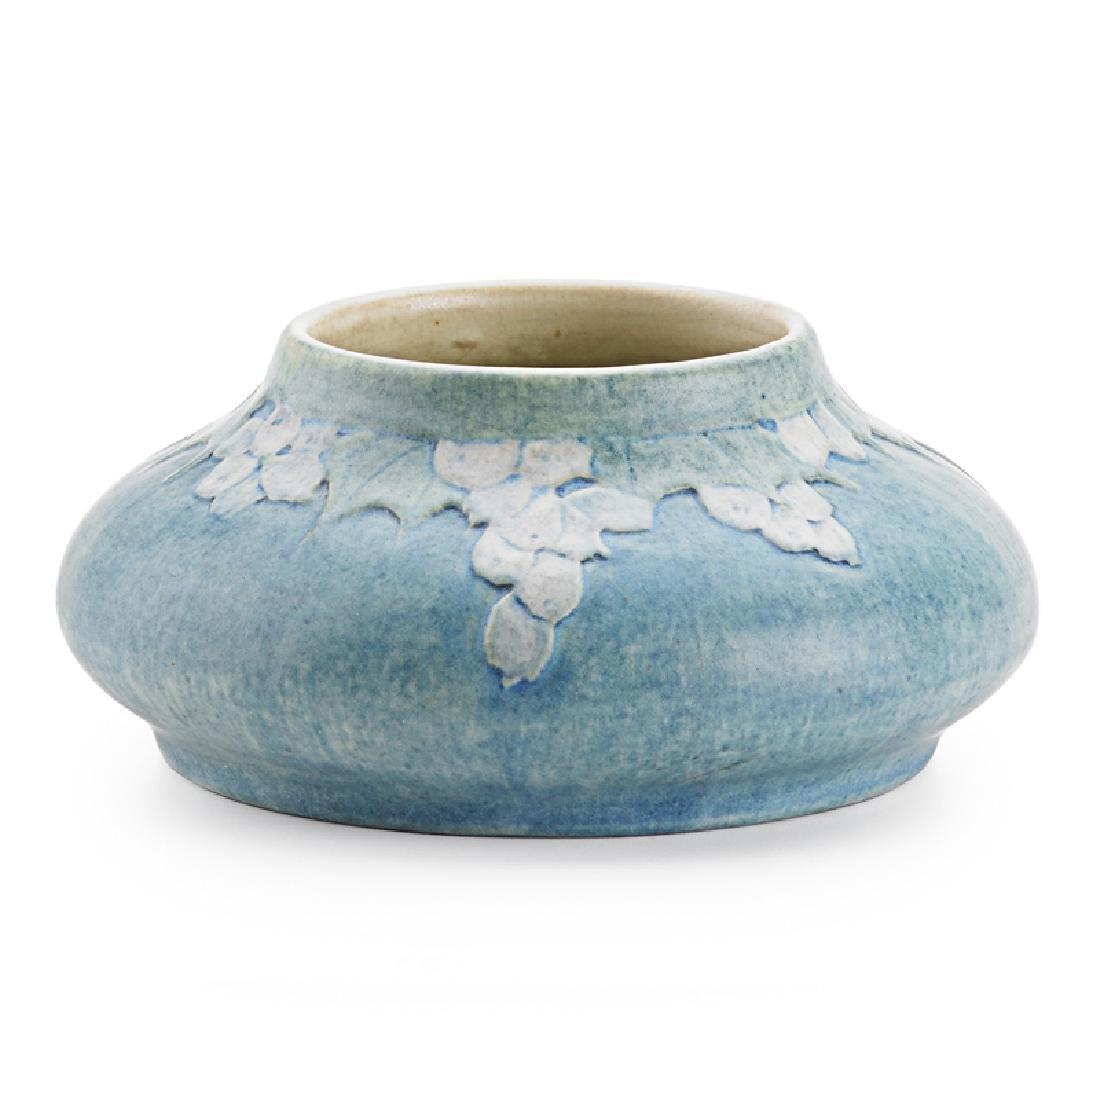 SADIE IRVINE; NEWCOMB COLLEGE Squat vase